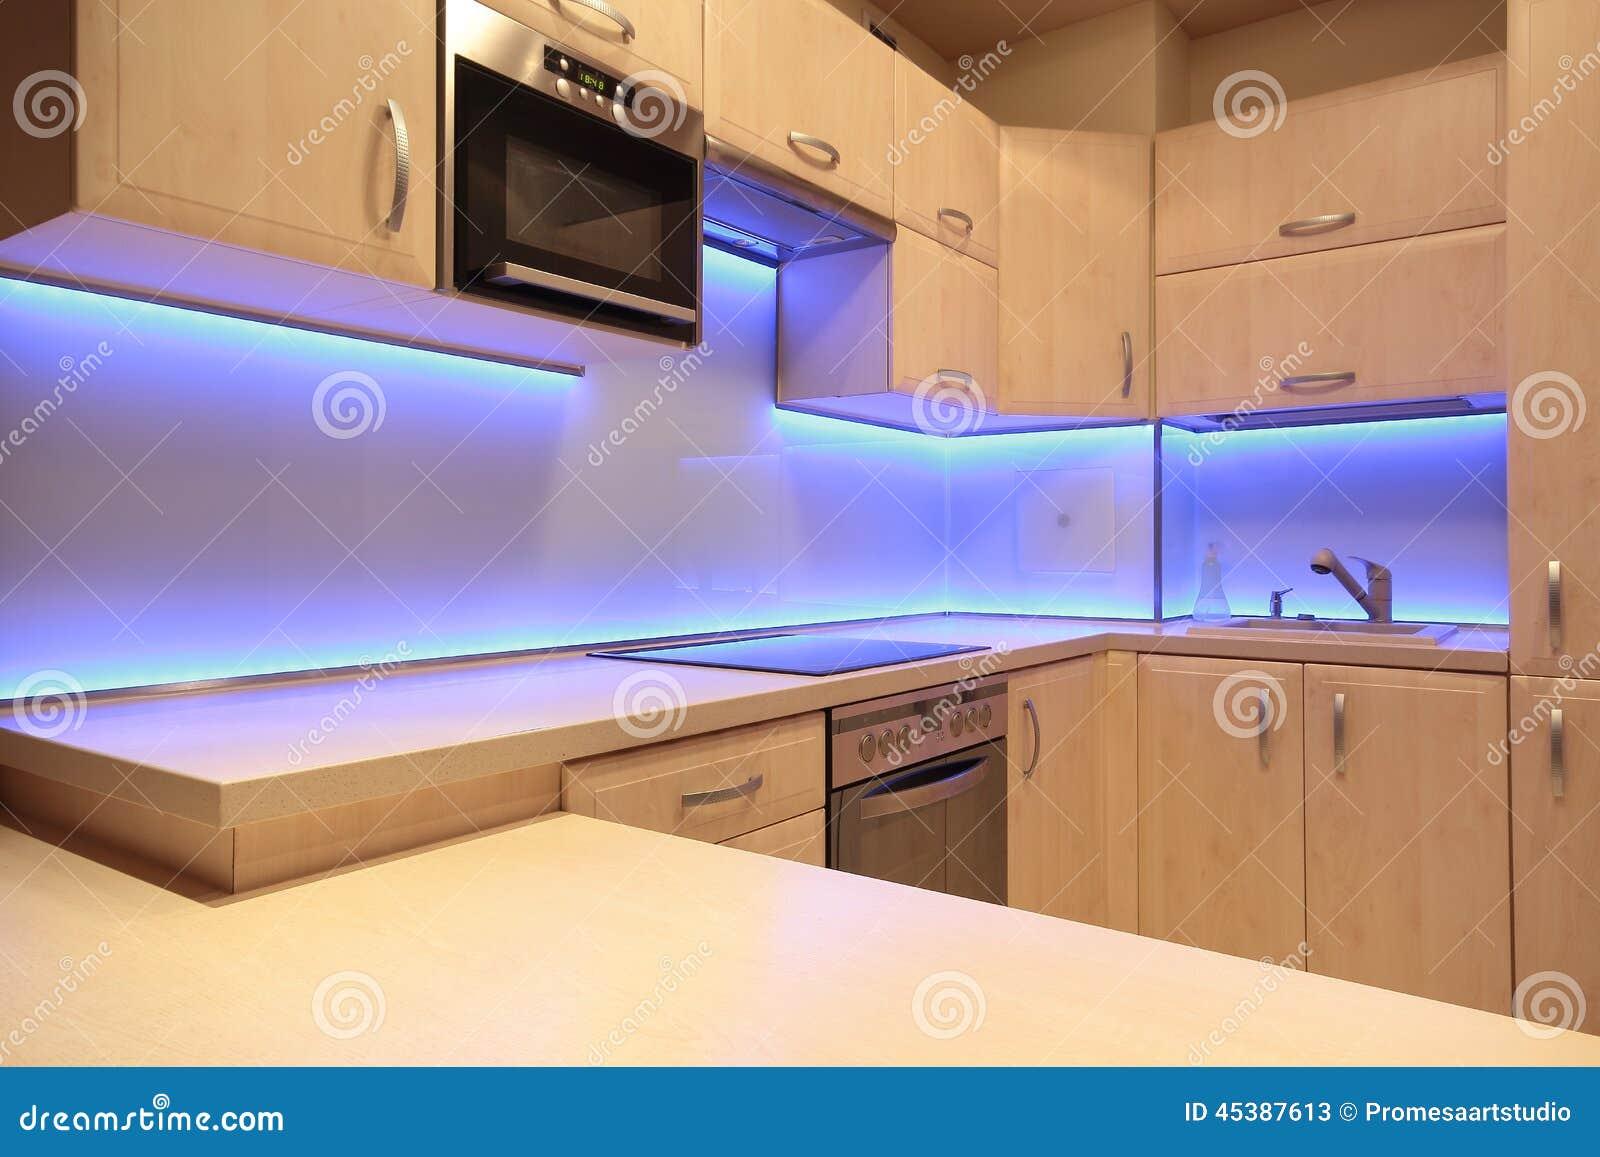 Illuminazione Cucina Con Isola: Cucine stosa 2016. Il ...